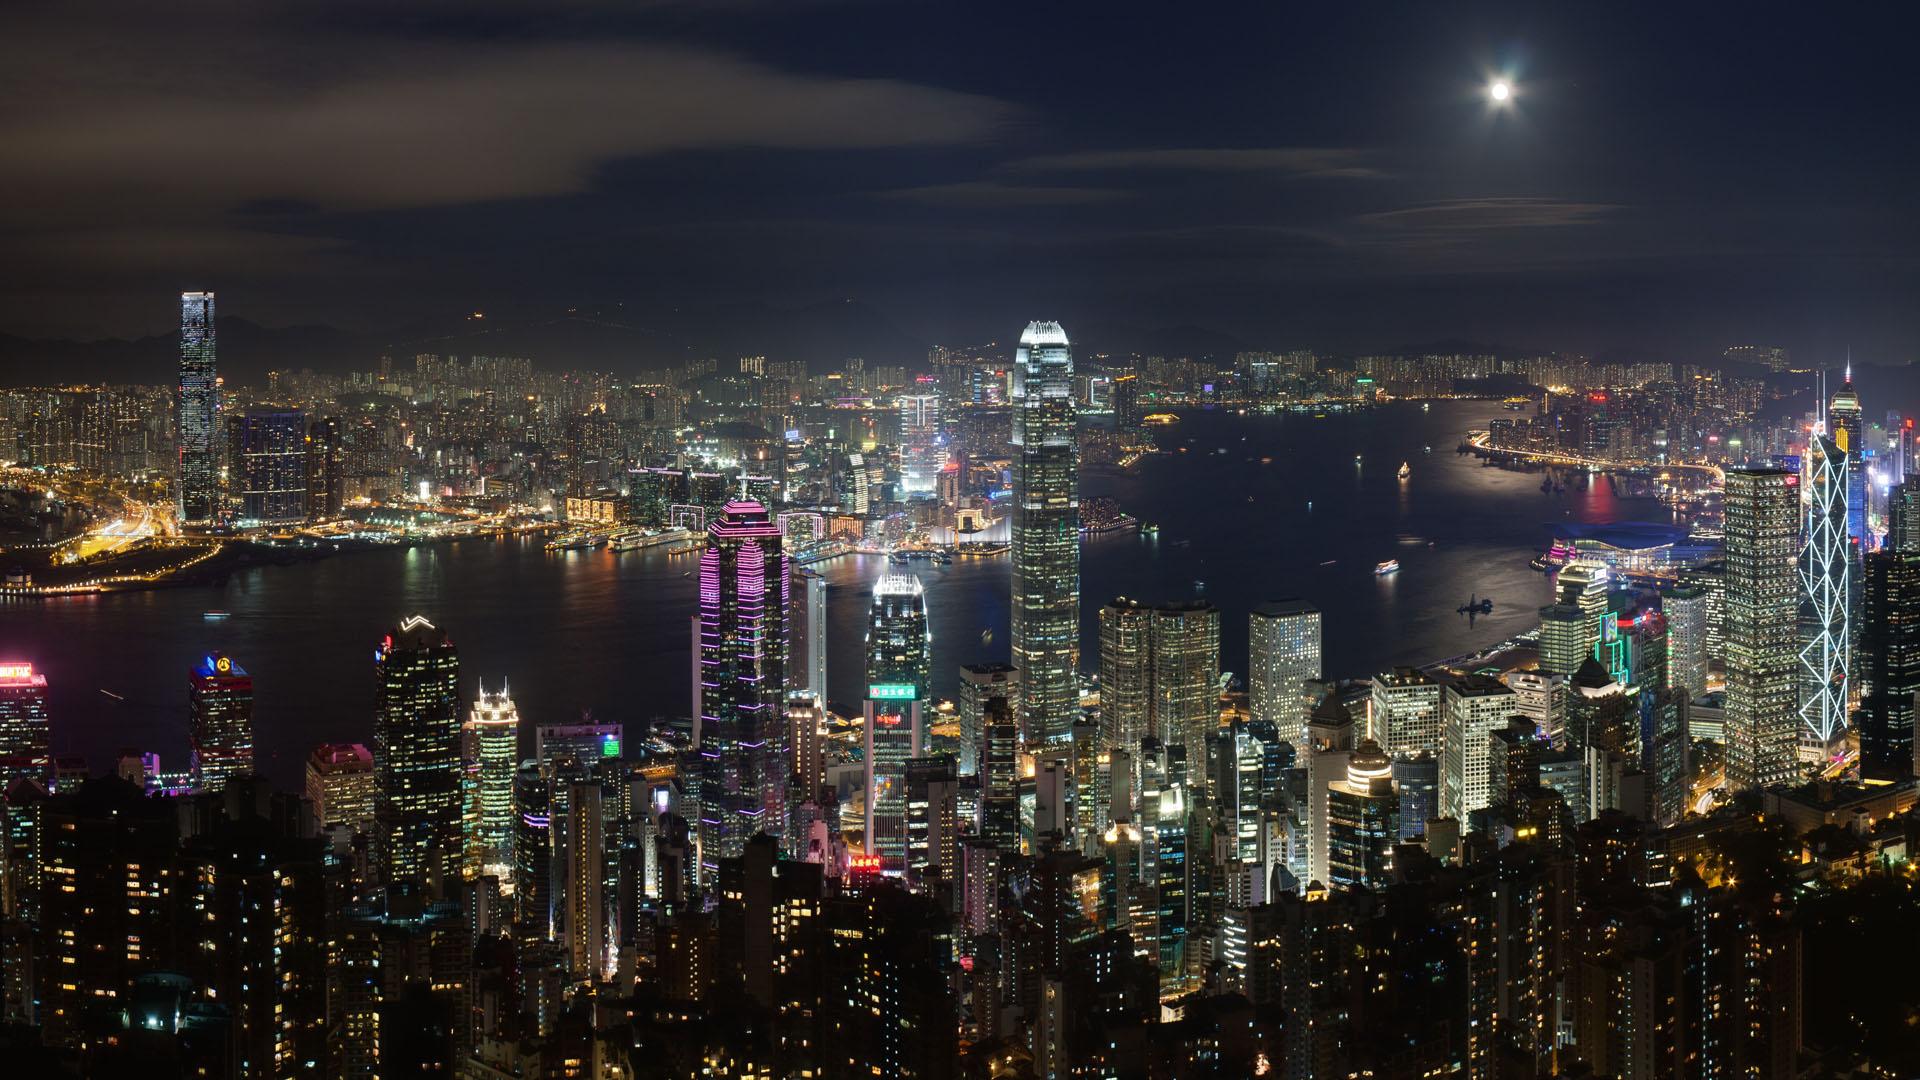 Hong Kong Night View Google Search Hong Kong Night Hong Kong Photography Hong Kong